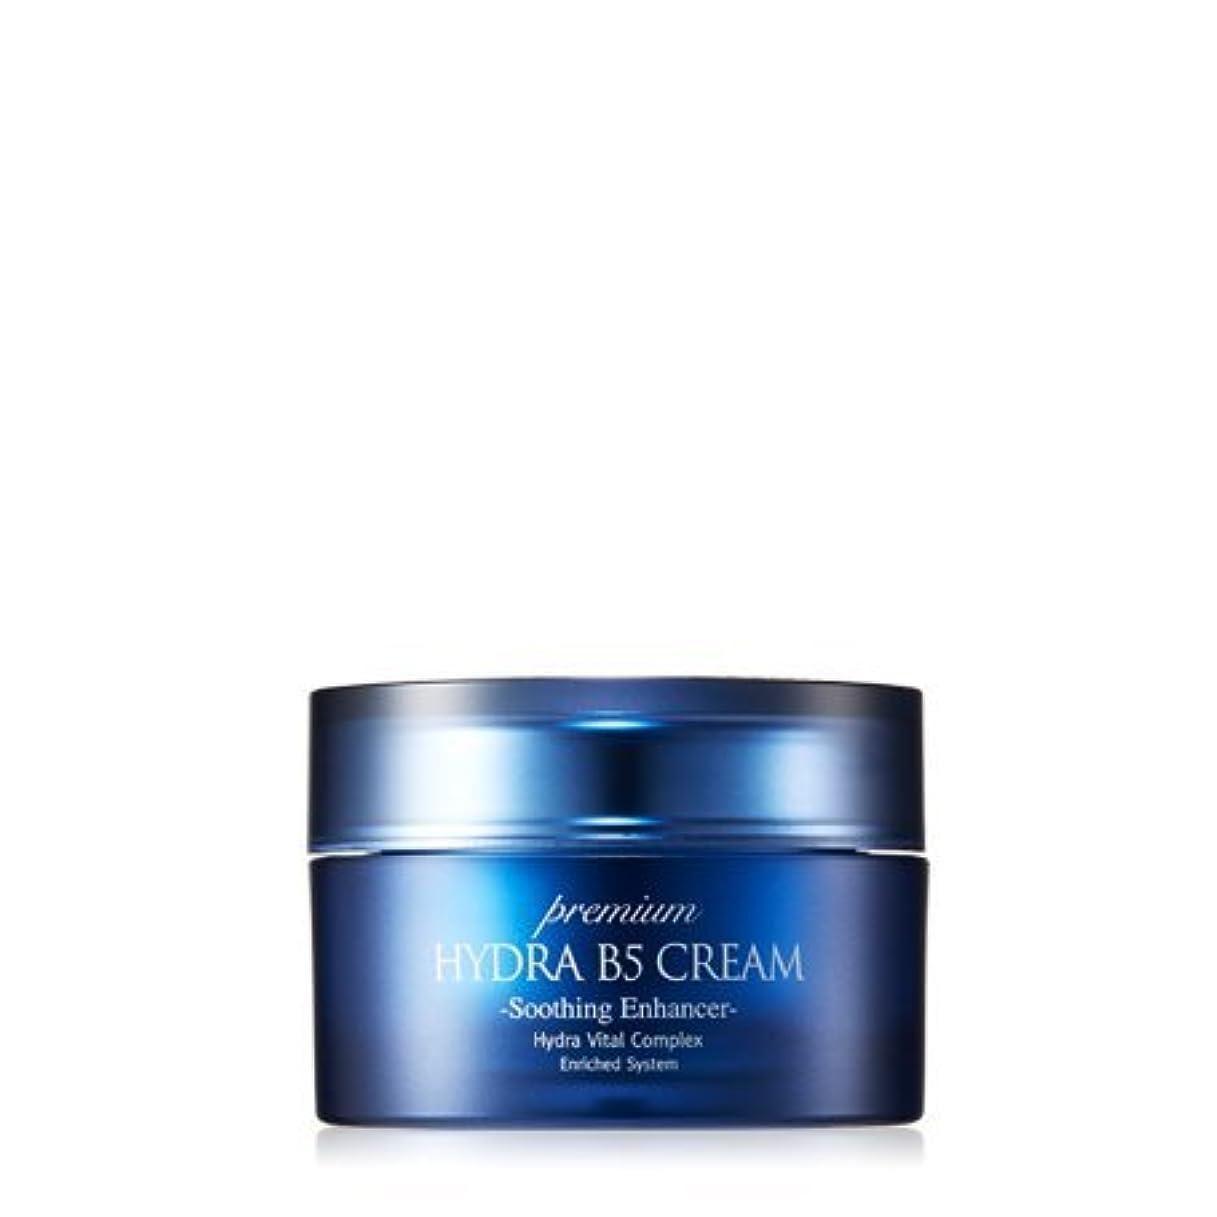 指令ショート復活するA.H.C (AHC) Premium Hydra B5 Cream 50ml/A.H.C プレミアム ハイドラ B5 クリーム 50ml [並行輸入品]